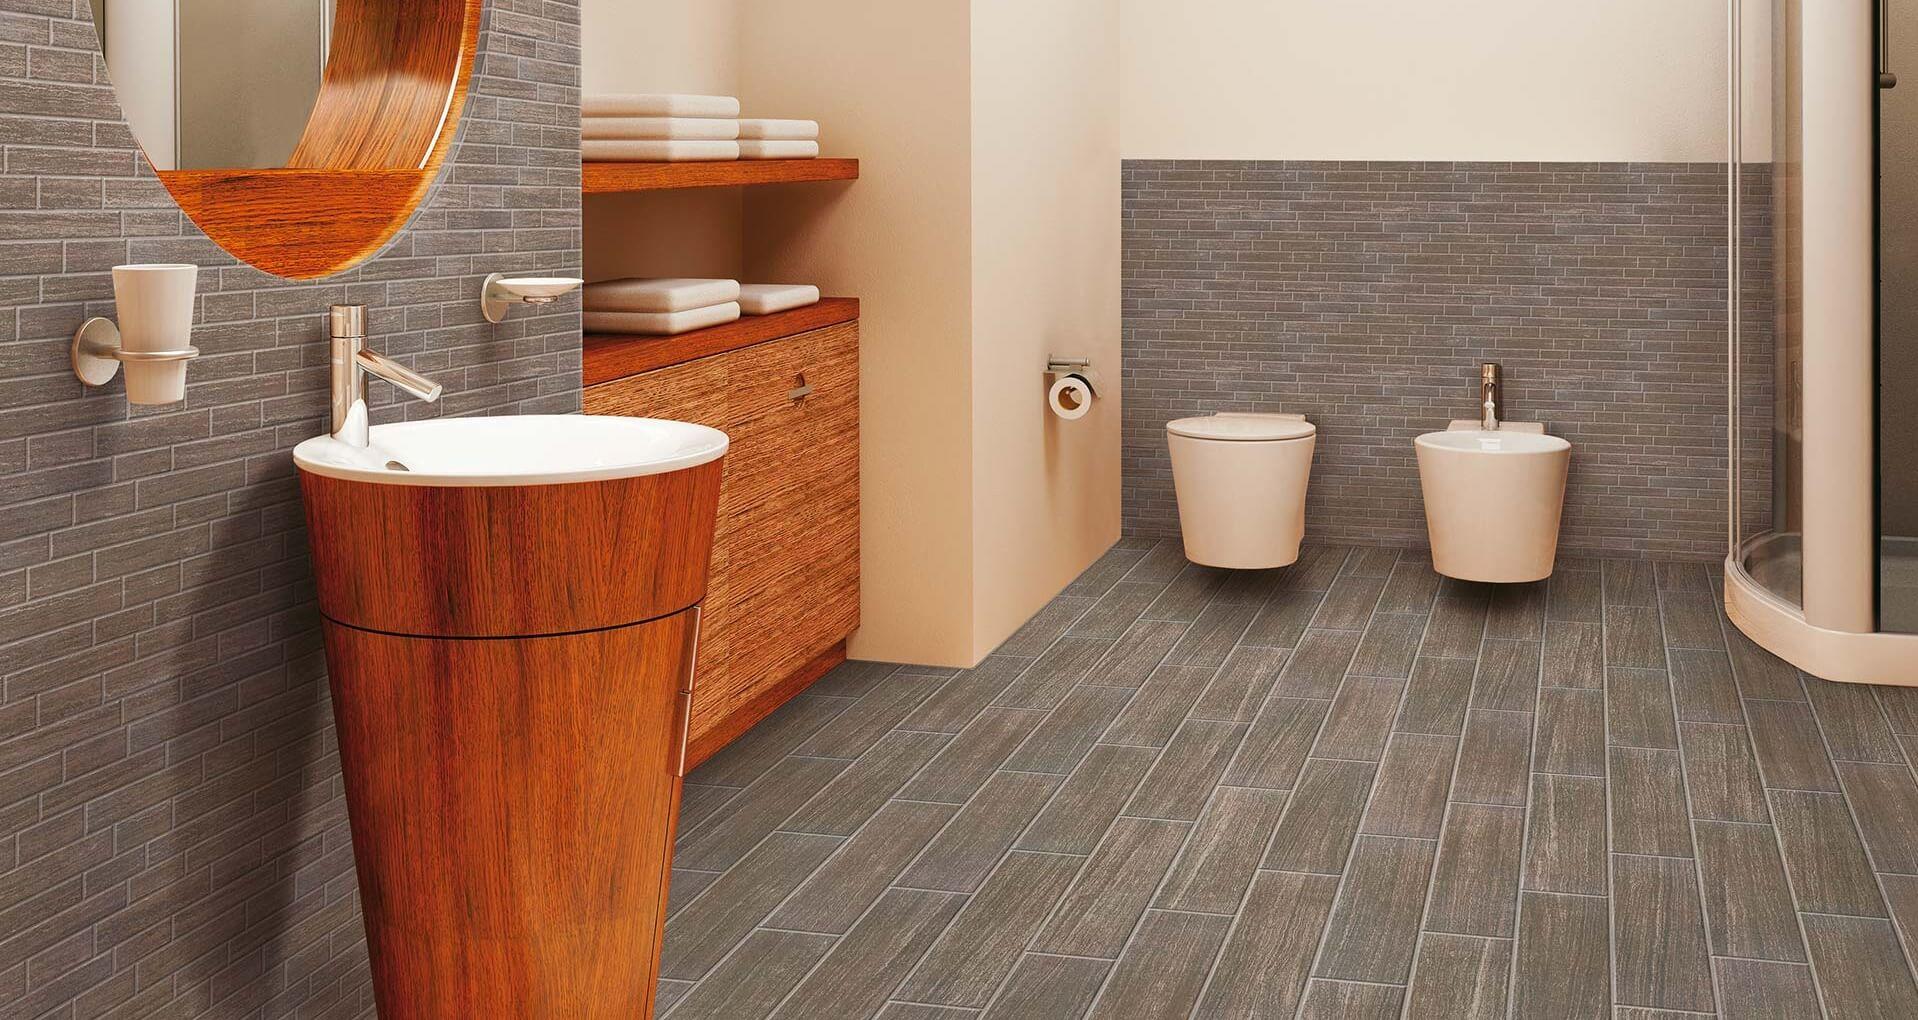 LAYERS OBSIDIAN PORCELAIN BATHROOM TILES